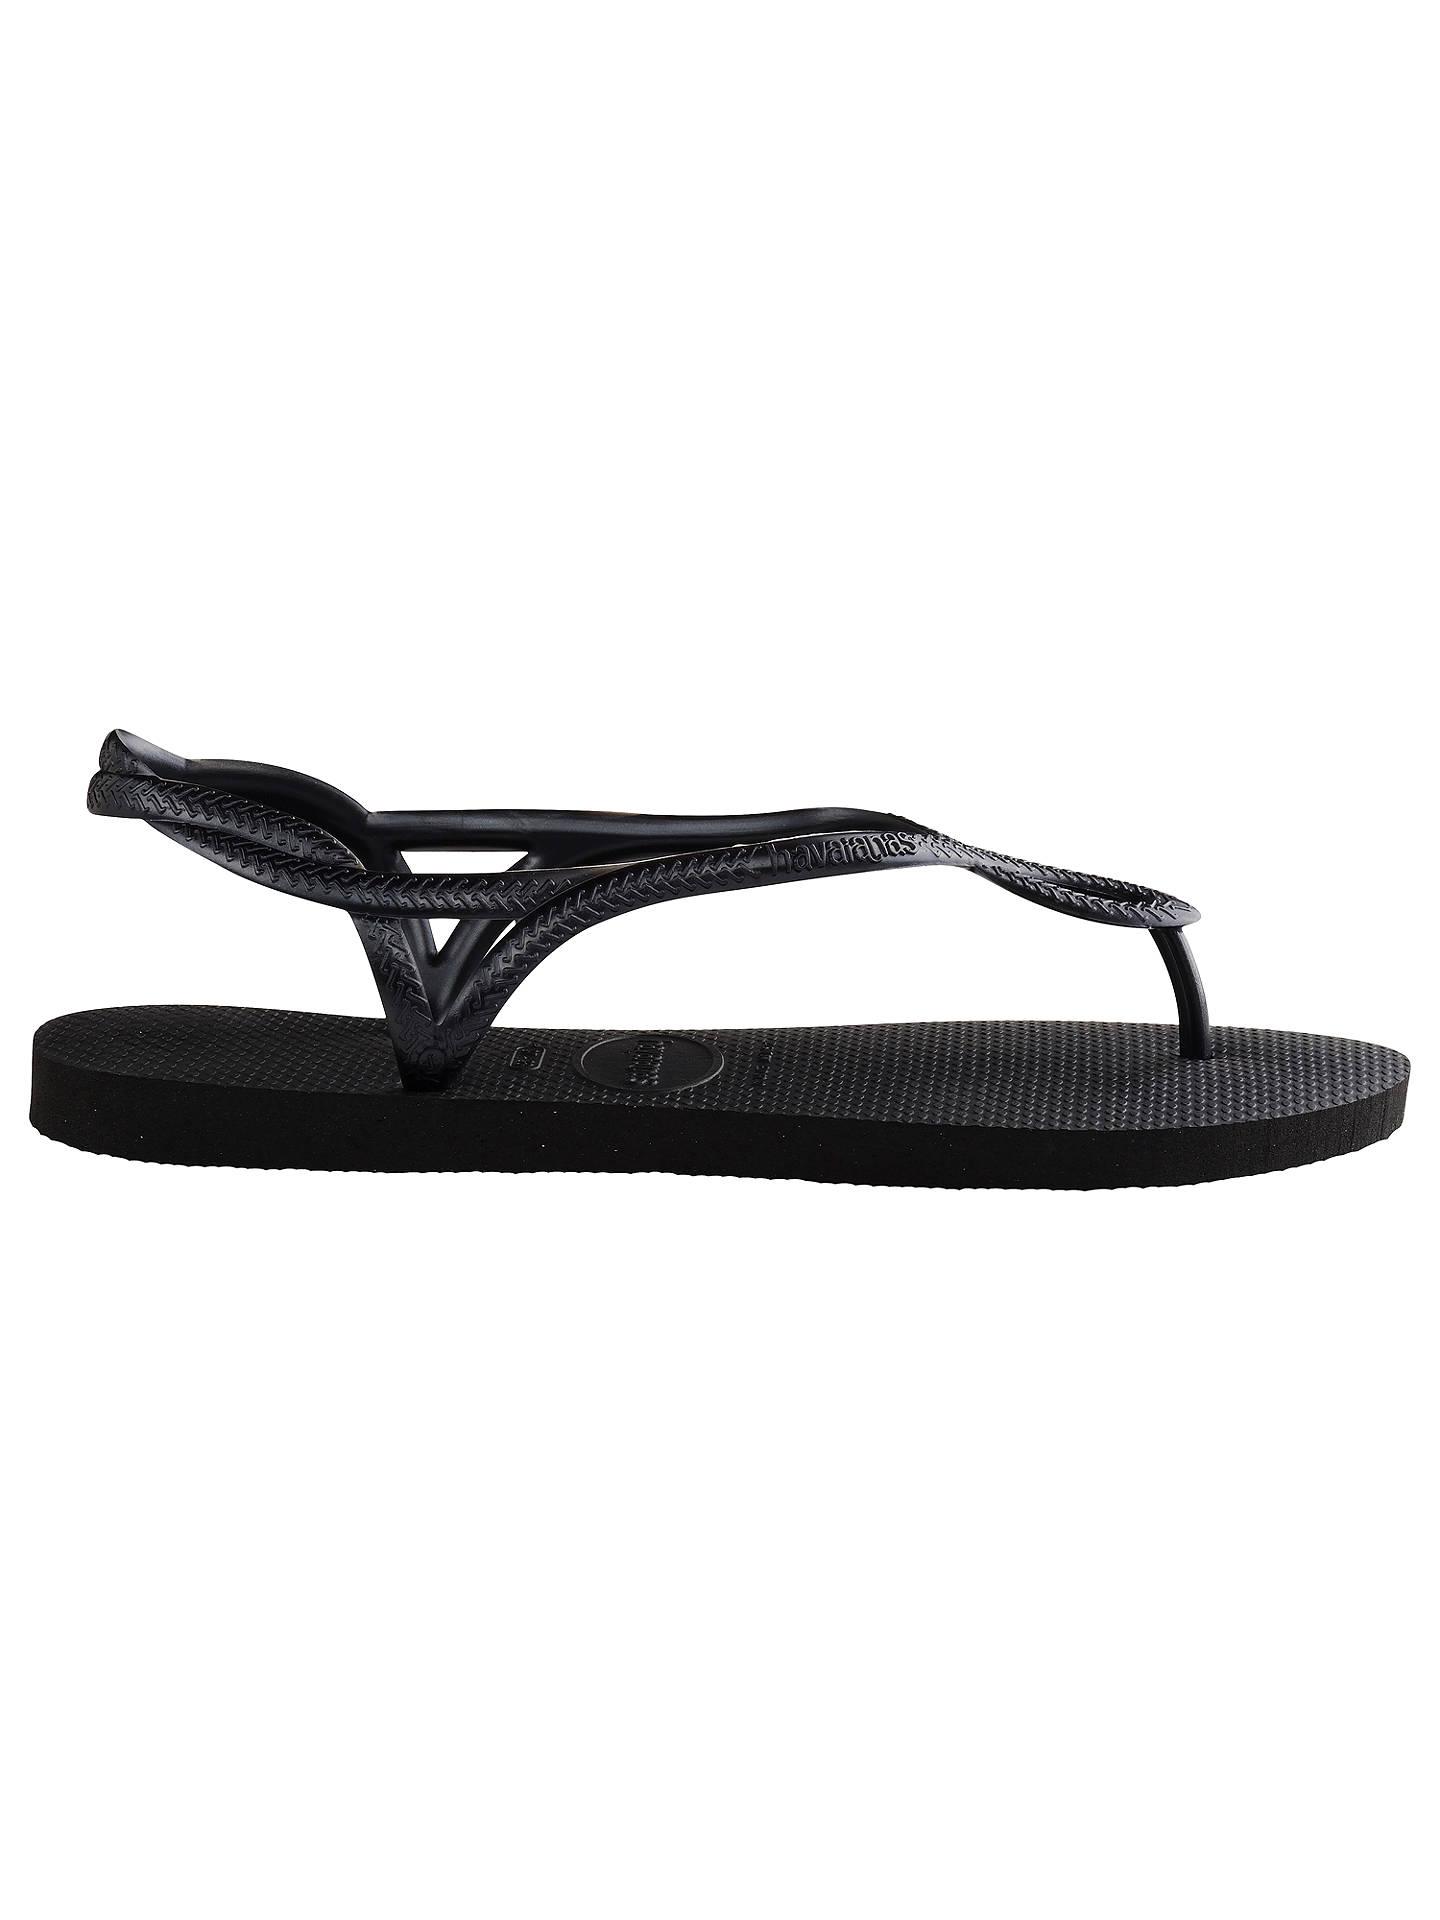 c5aac527c255b9 Buy Havaianas Luna Flip Flops